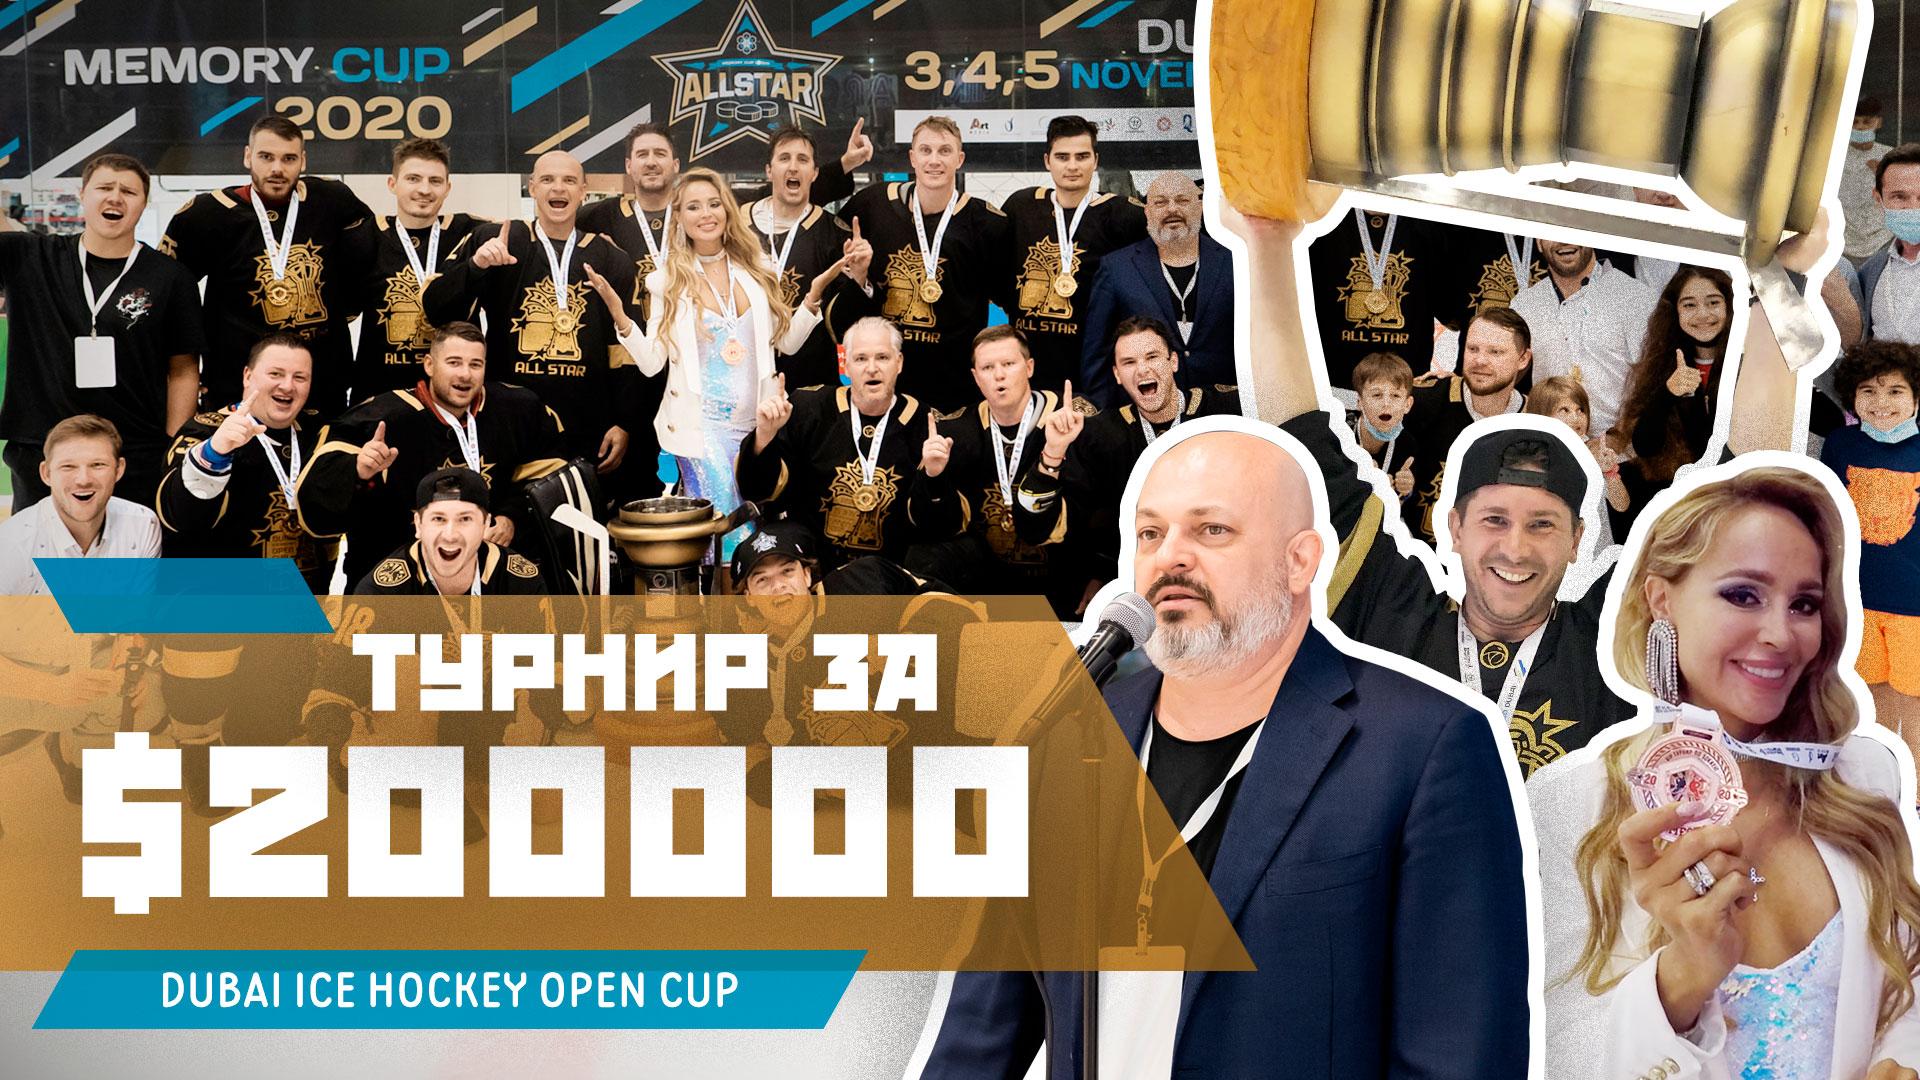 Как играют в хоккей в Дубаи? / Турнир за 200000$ / Всё хОКкей на Dubai Ice Hockey Open Cup 2020